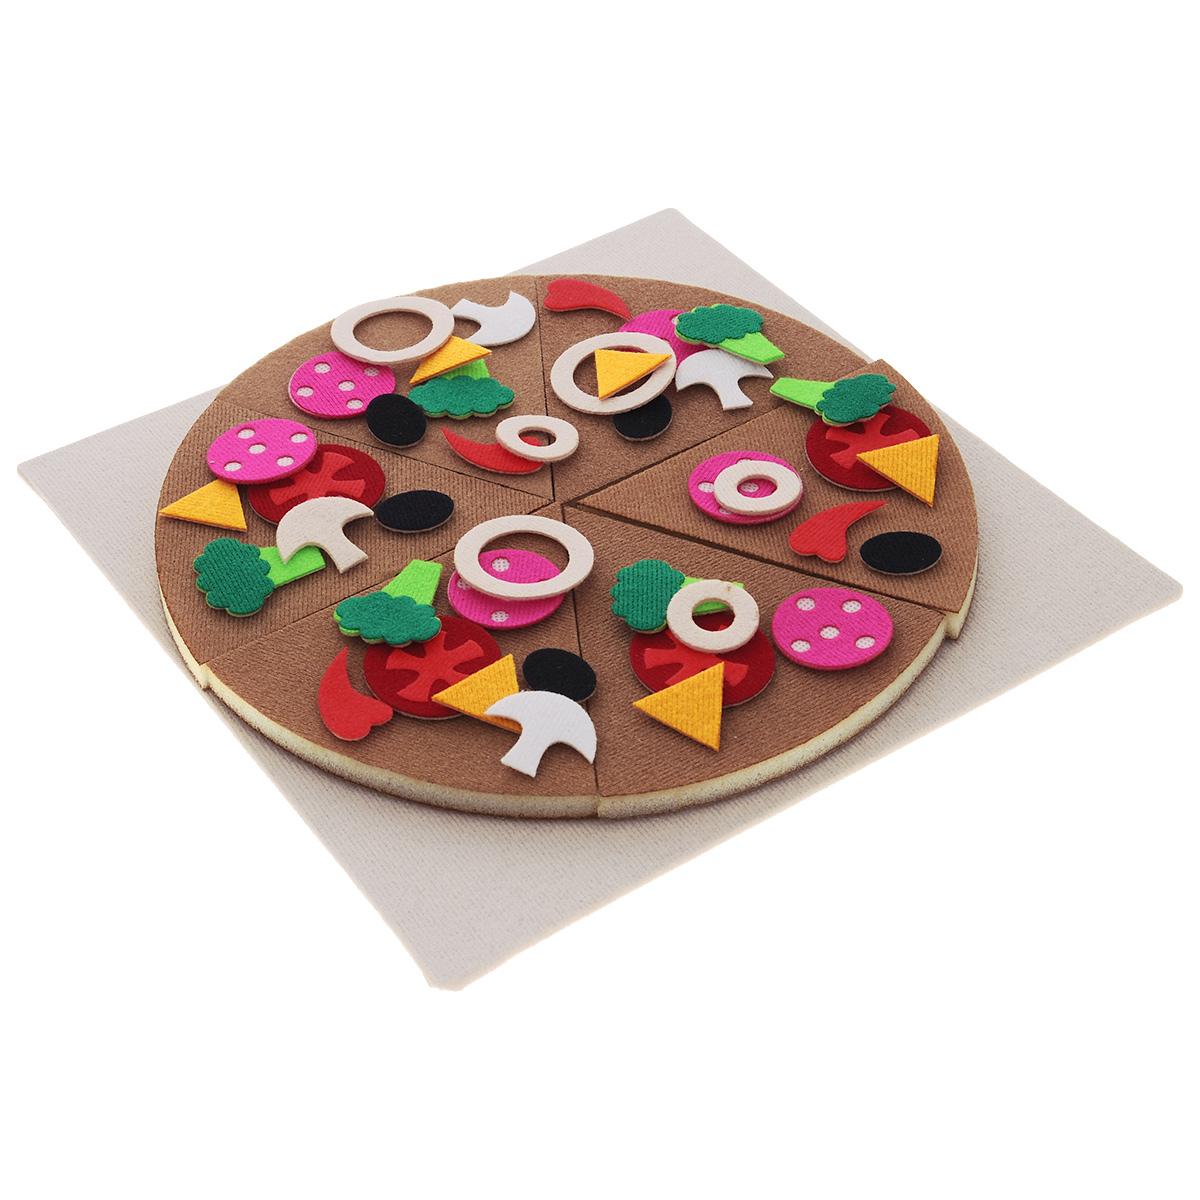 Stigis Игра на липучках Математическая пиццаСПStigis Математическая пицца - развивающая игра для детей от 3 лет . Ребенок прикрепляет кусочки ингредиентов в любое место нежной основы и получает пиццу по своему вкусу. Меню дополняет игру и дает возможность ребенку поиграть в ресторан и выучить цифры. Математическая пицца – это не только увлекательная ролевая игра, это живой учебник математики. В сборнике вы найдете 100 задач различного уровня и направления: на счет, доли, логику и классификацию. Некоторые задачки могут показаться сложными для устного счета, но решаемые в игровой форме, на пицце, превращаются в увлекательную игру. В набор входит: пицца тканевая на плотном поролоне (из 6 порций); подложка 26 х 26 см; кусочки ингредиентов на липучке (58 шт.); разделочная доска; сборник задачек и методические рекомендации по обучению счету; меню Пиццерия.